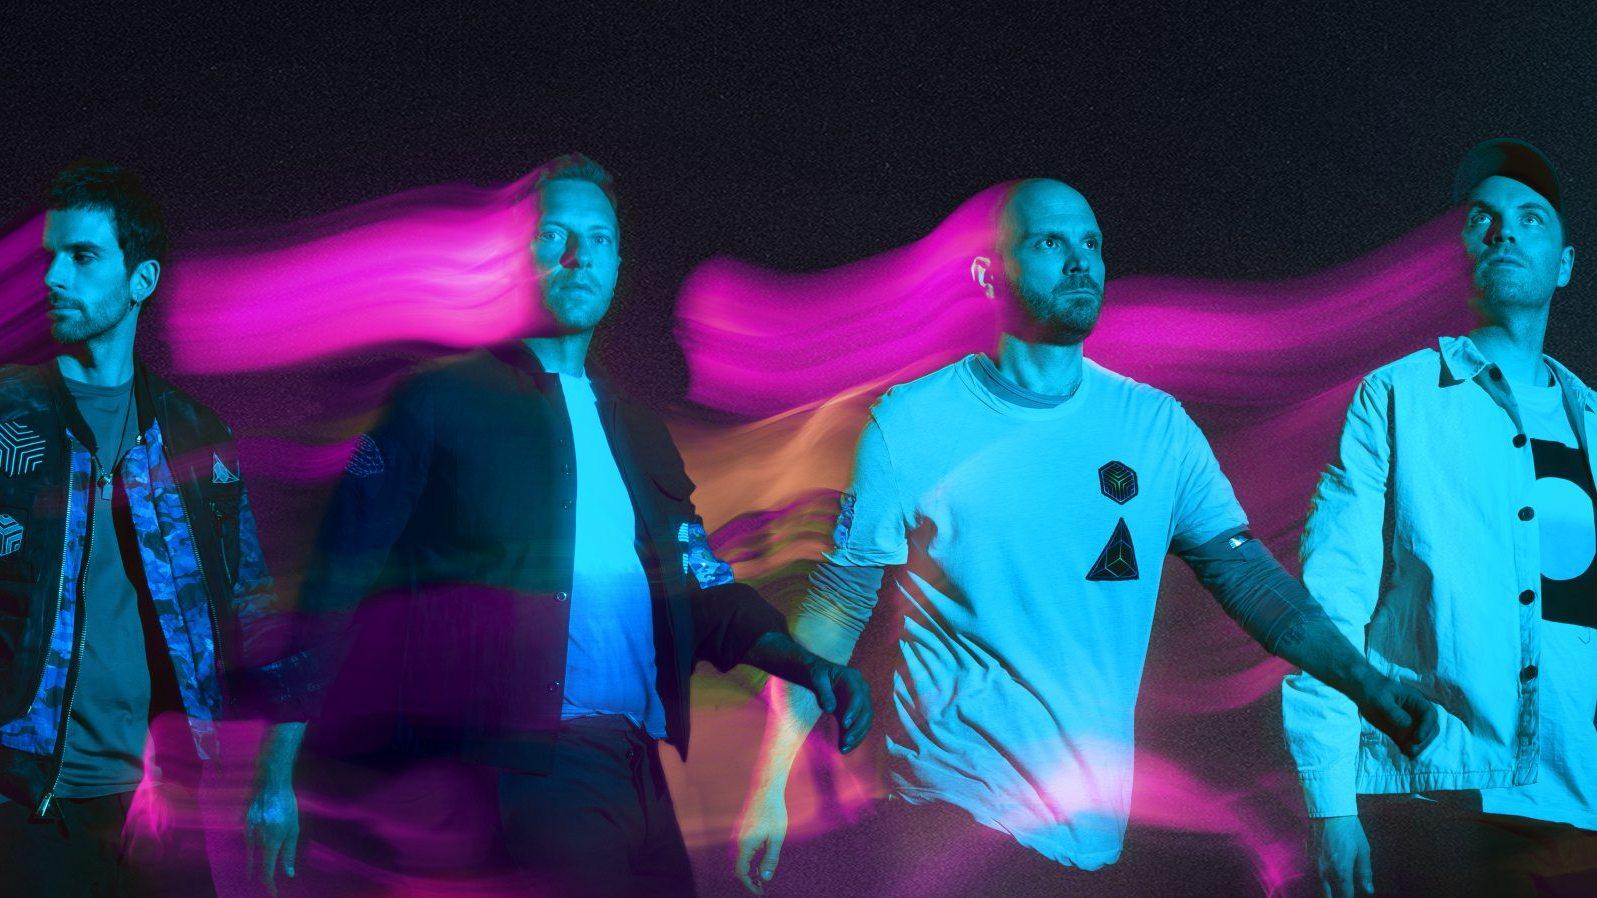 Собаки-роботы и танцующие инопланетяне в клипе на песню Coldplay — Higher Power